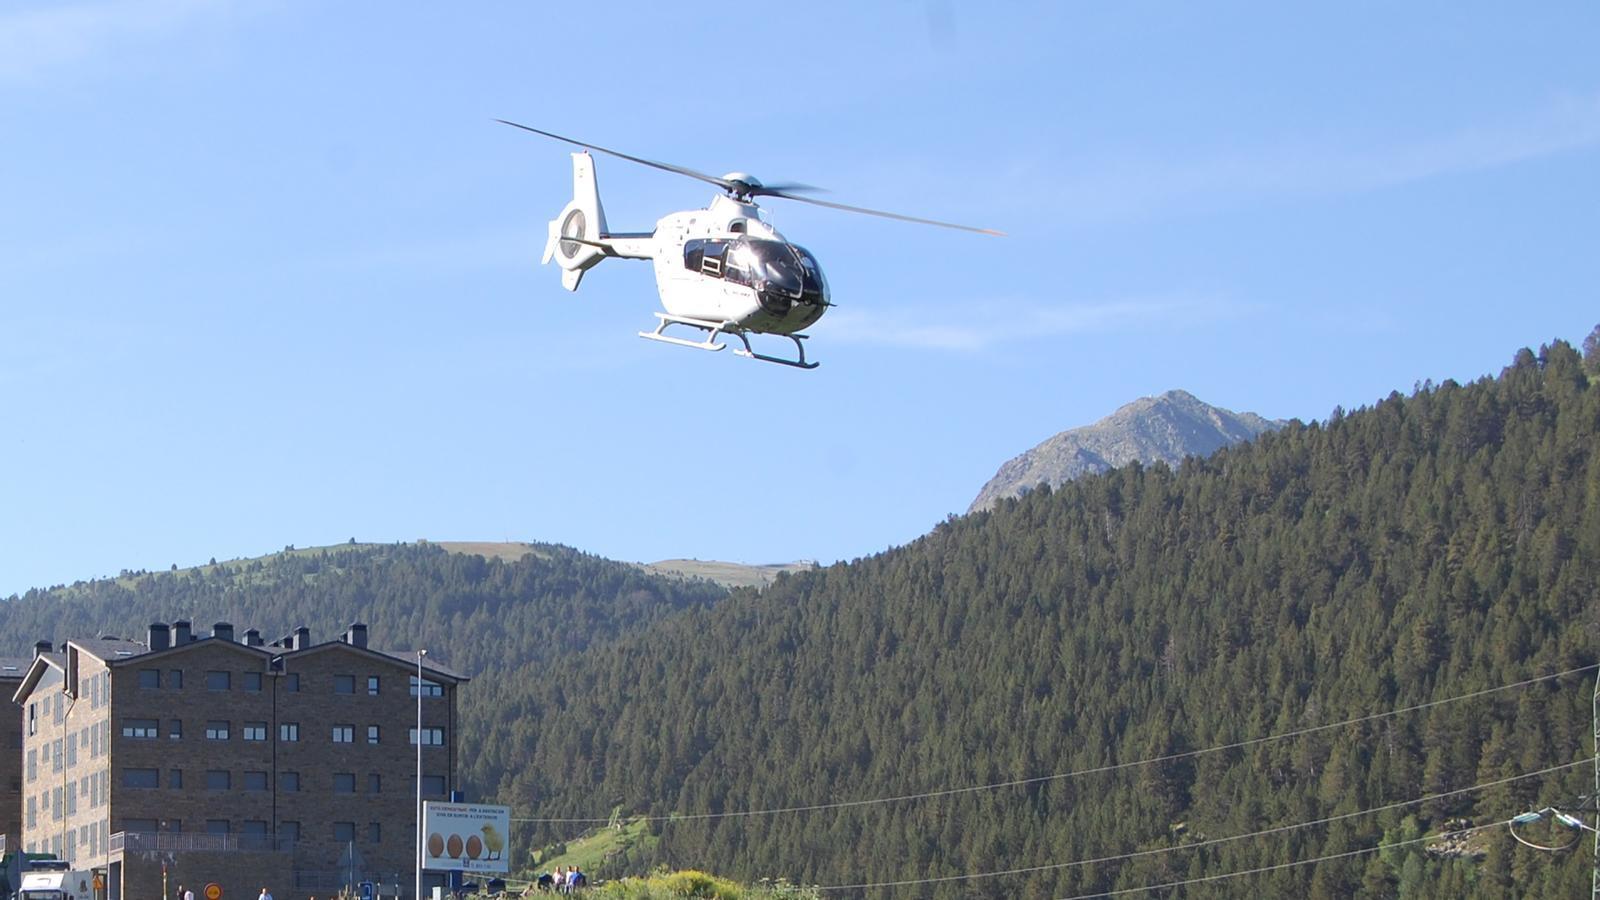 En les properes setmanes es valoraran els informes rebuts sobre l'heliport